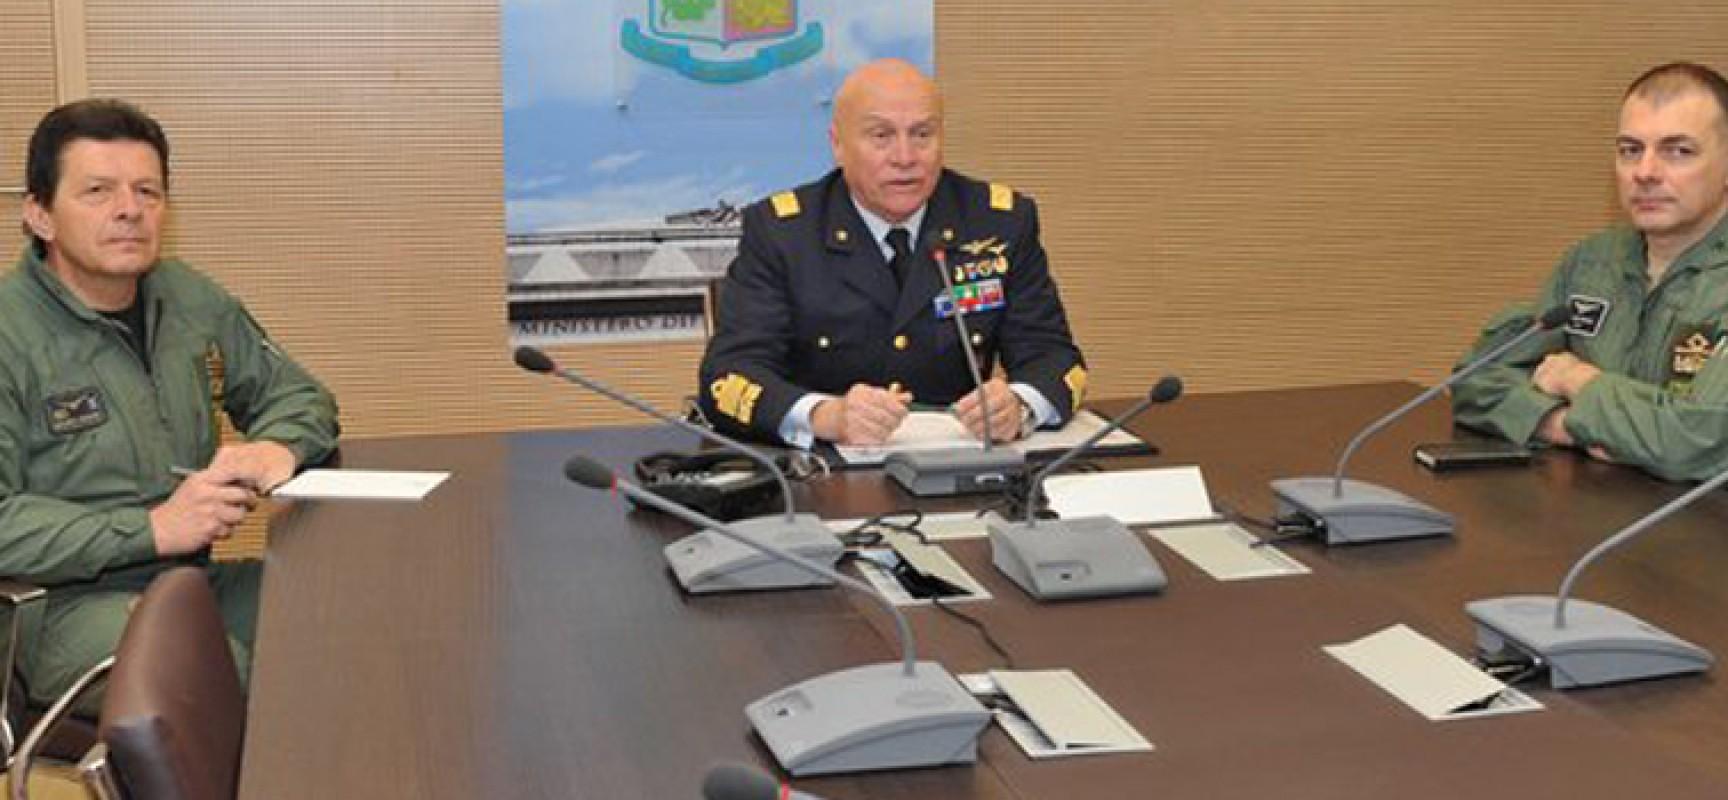 Il Generale biscegliese Preziosa, Capo di Stato Maggiore dell'Aeronautica, si congeda